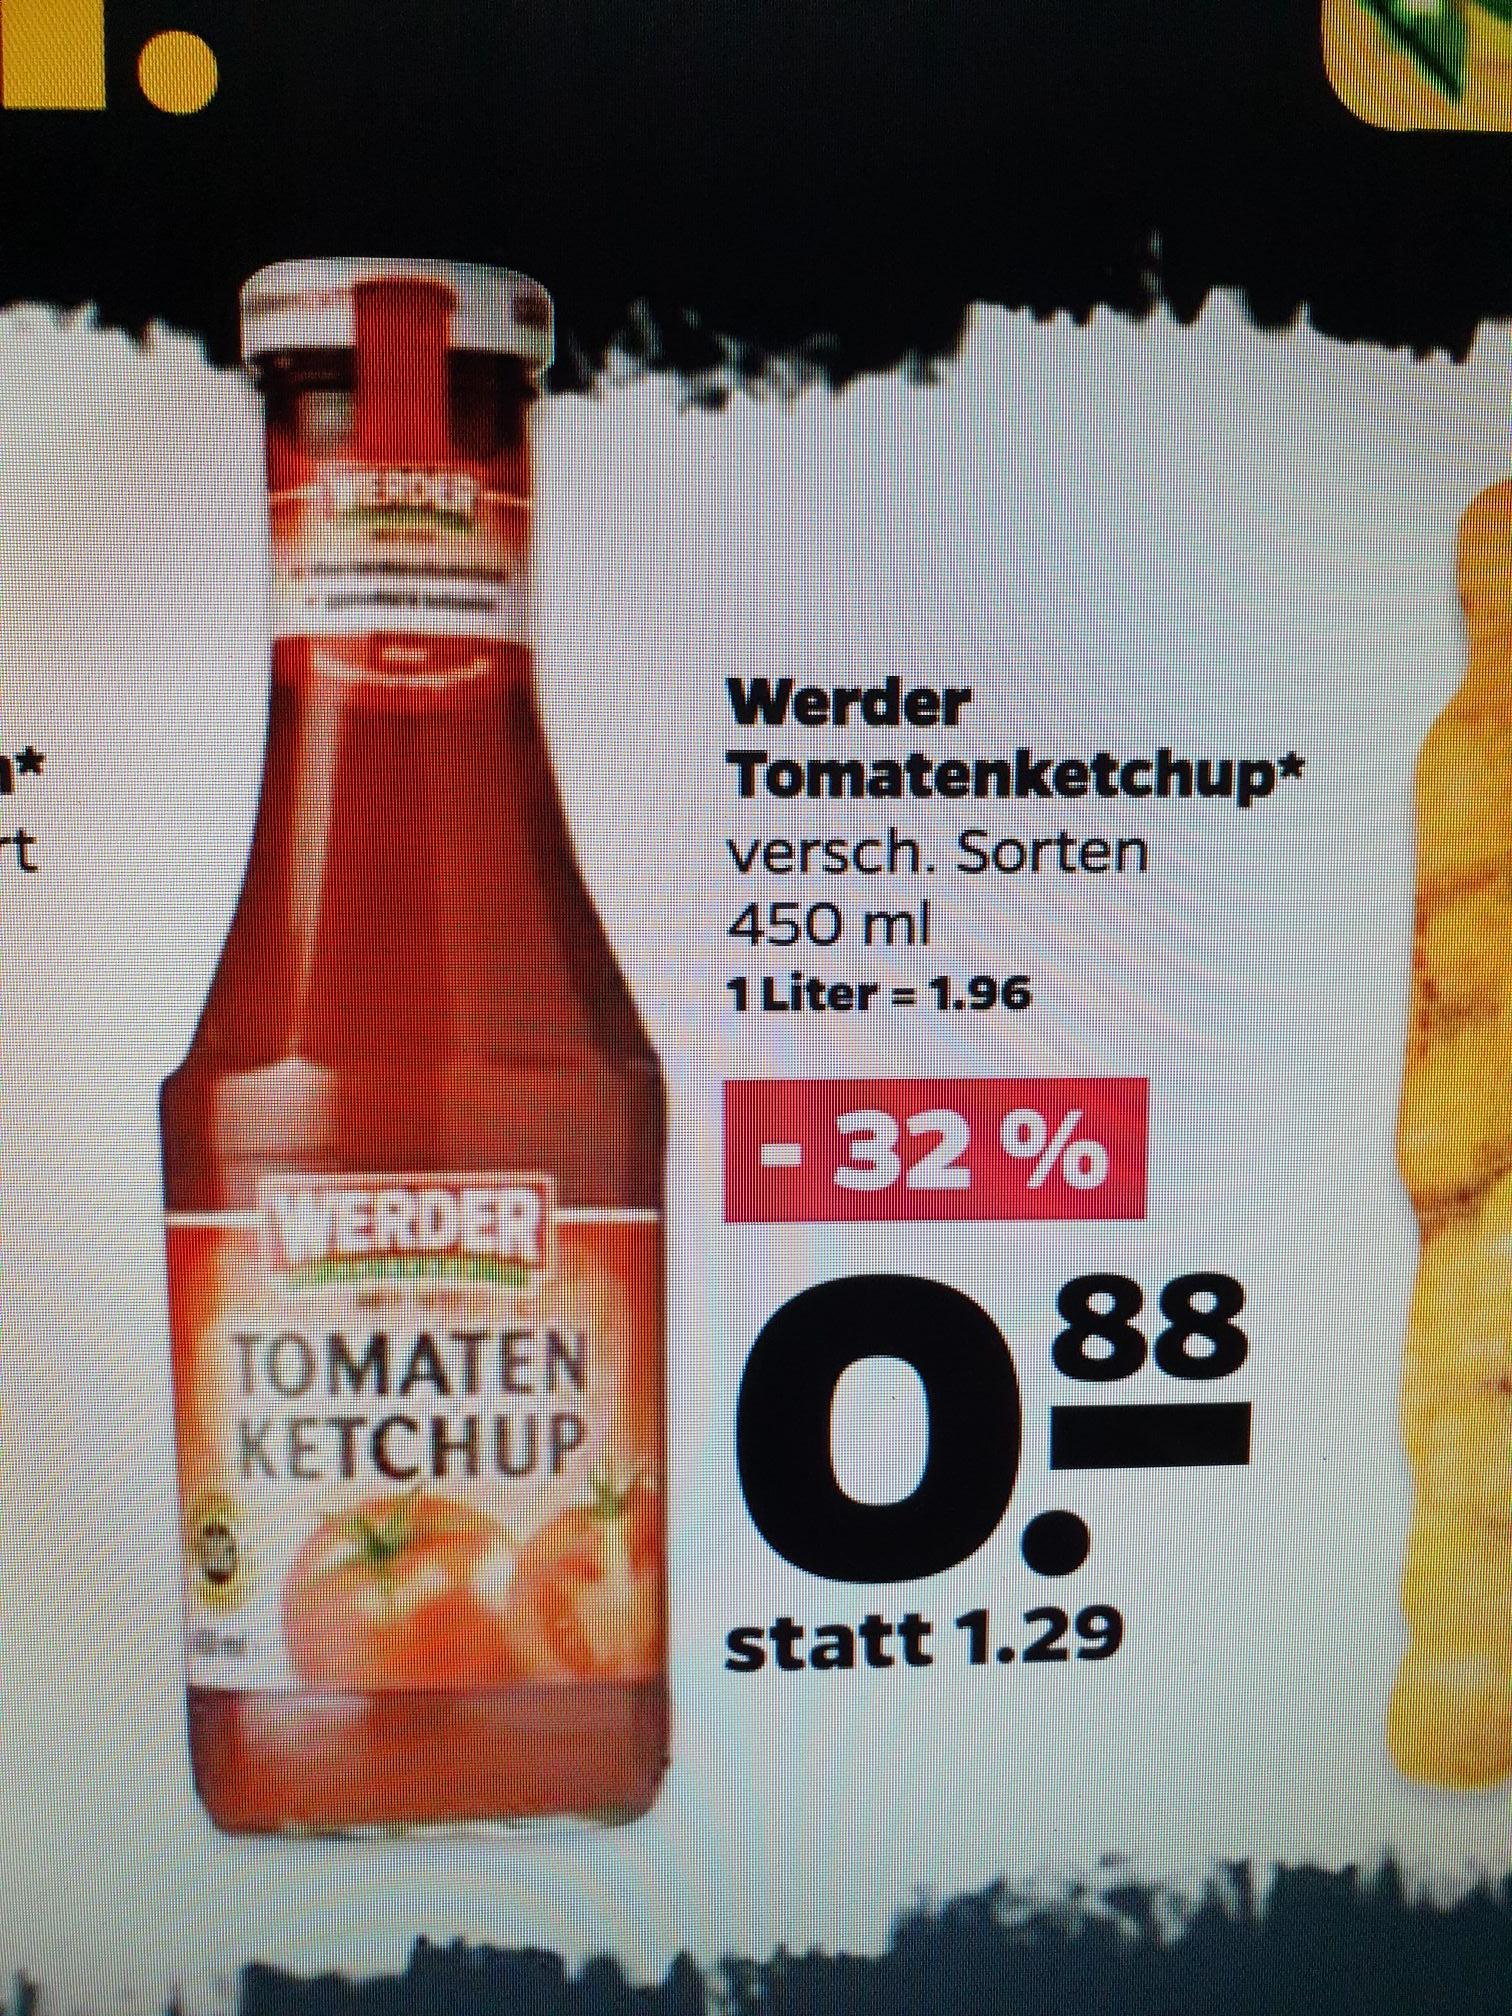 (Netto Scottie + Real-Markt) Werder Ketchup verschiedene Sorten 450ml-Flasche 0,88€ /ab Donnerstag a. Kaufland